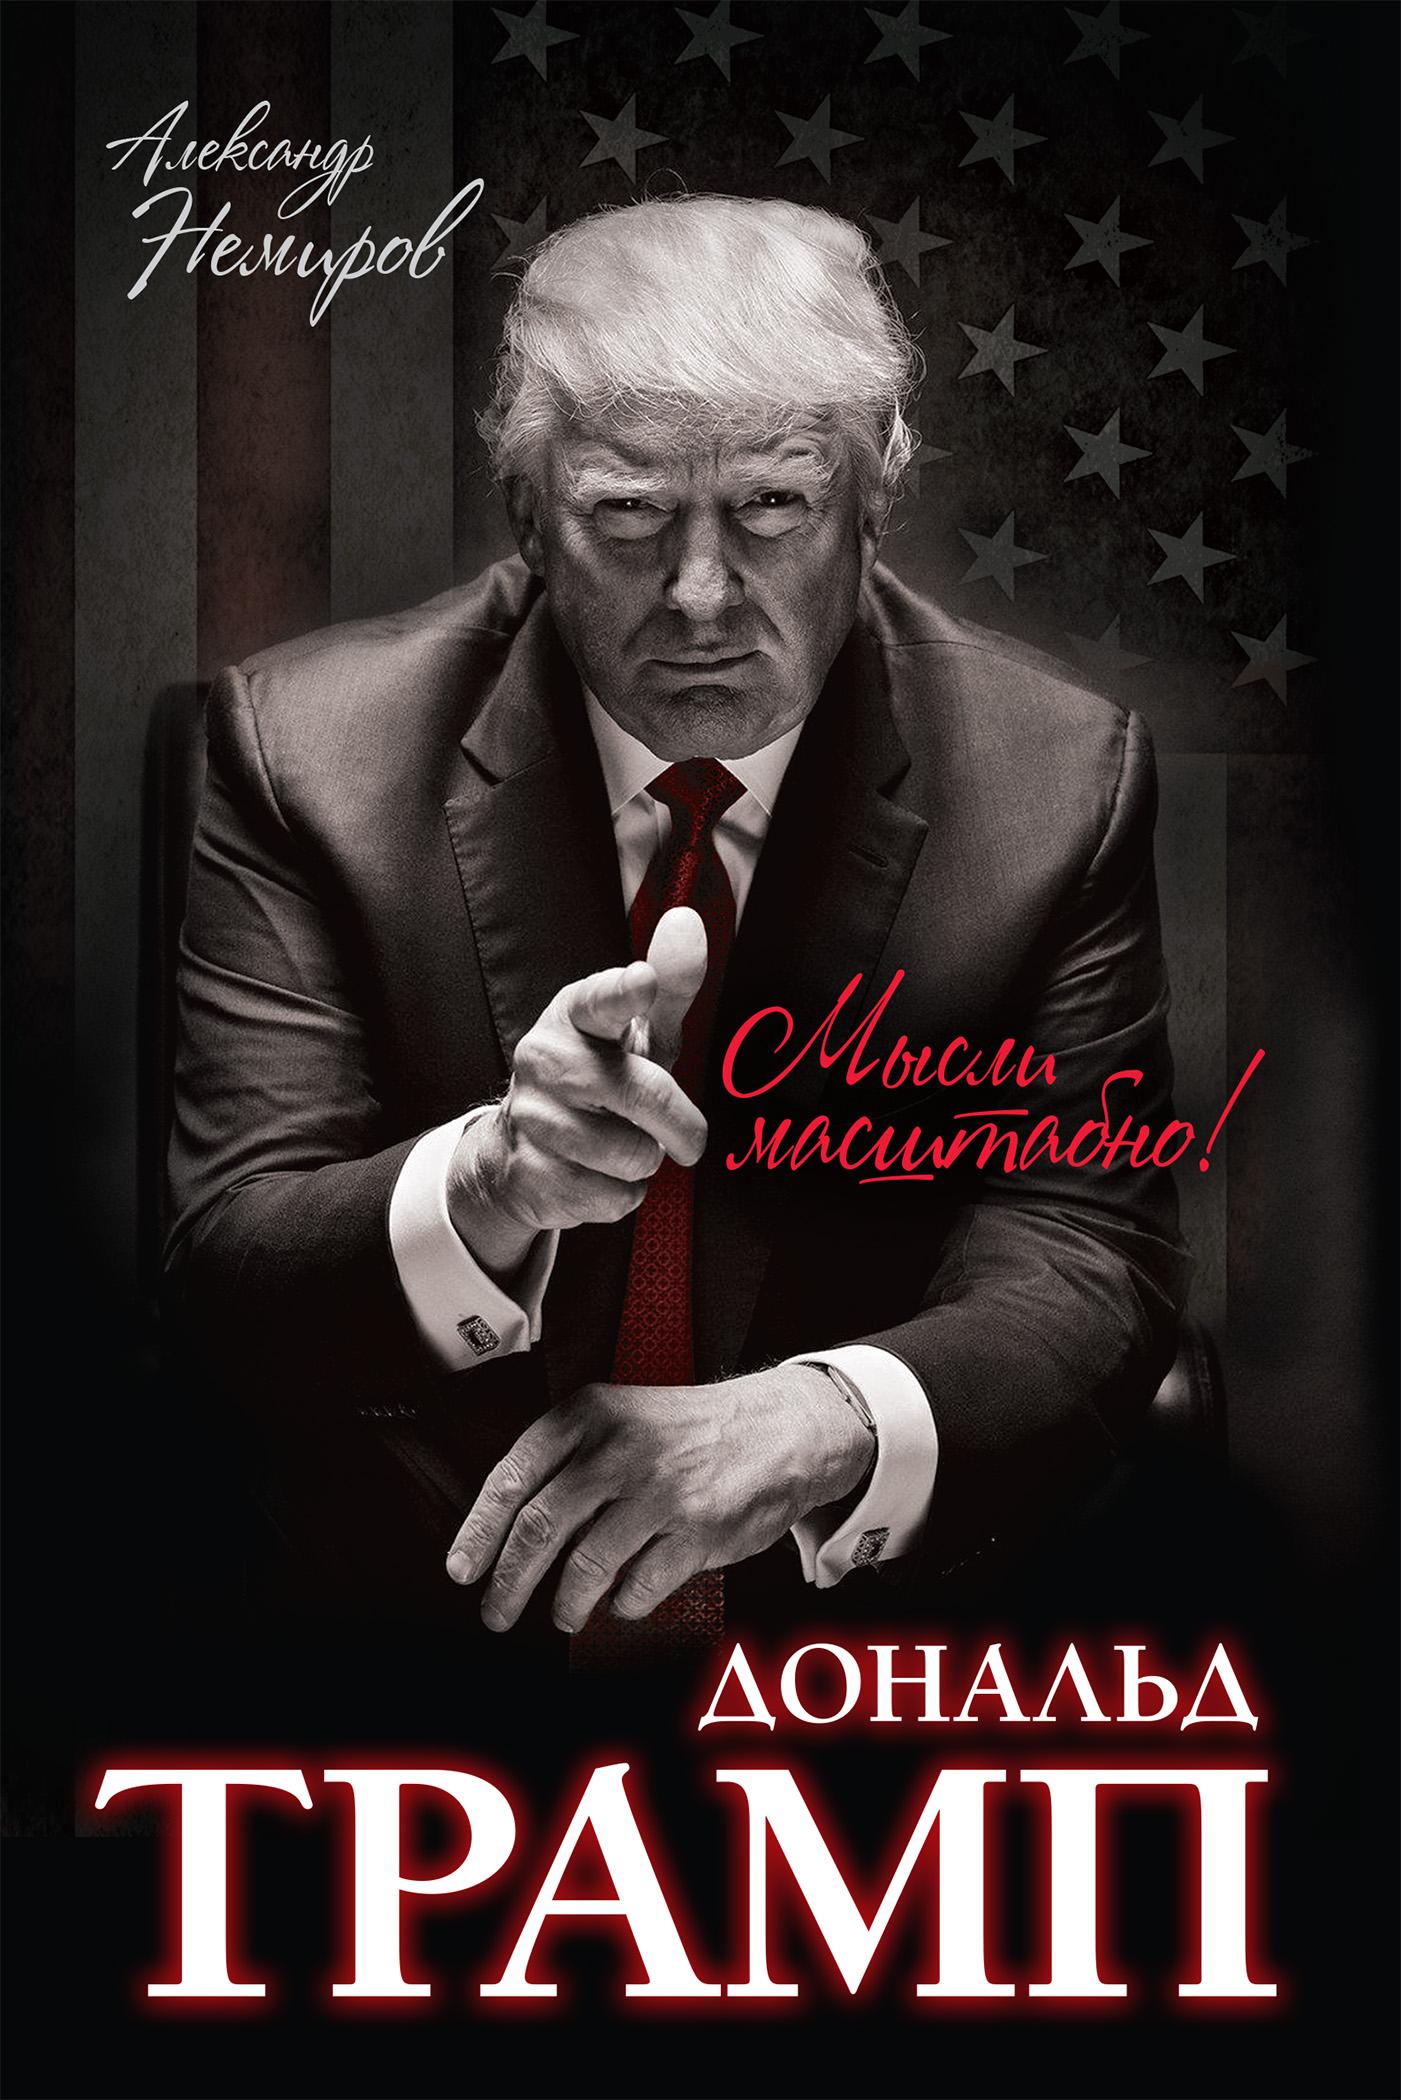 Александр Немиров Дональд Трамп. Мысли масштабно